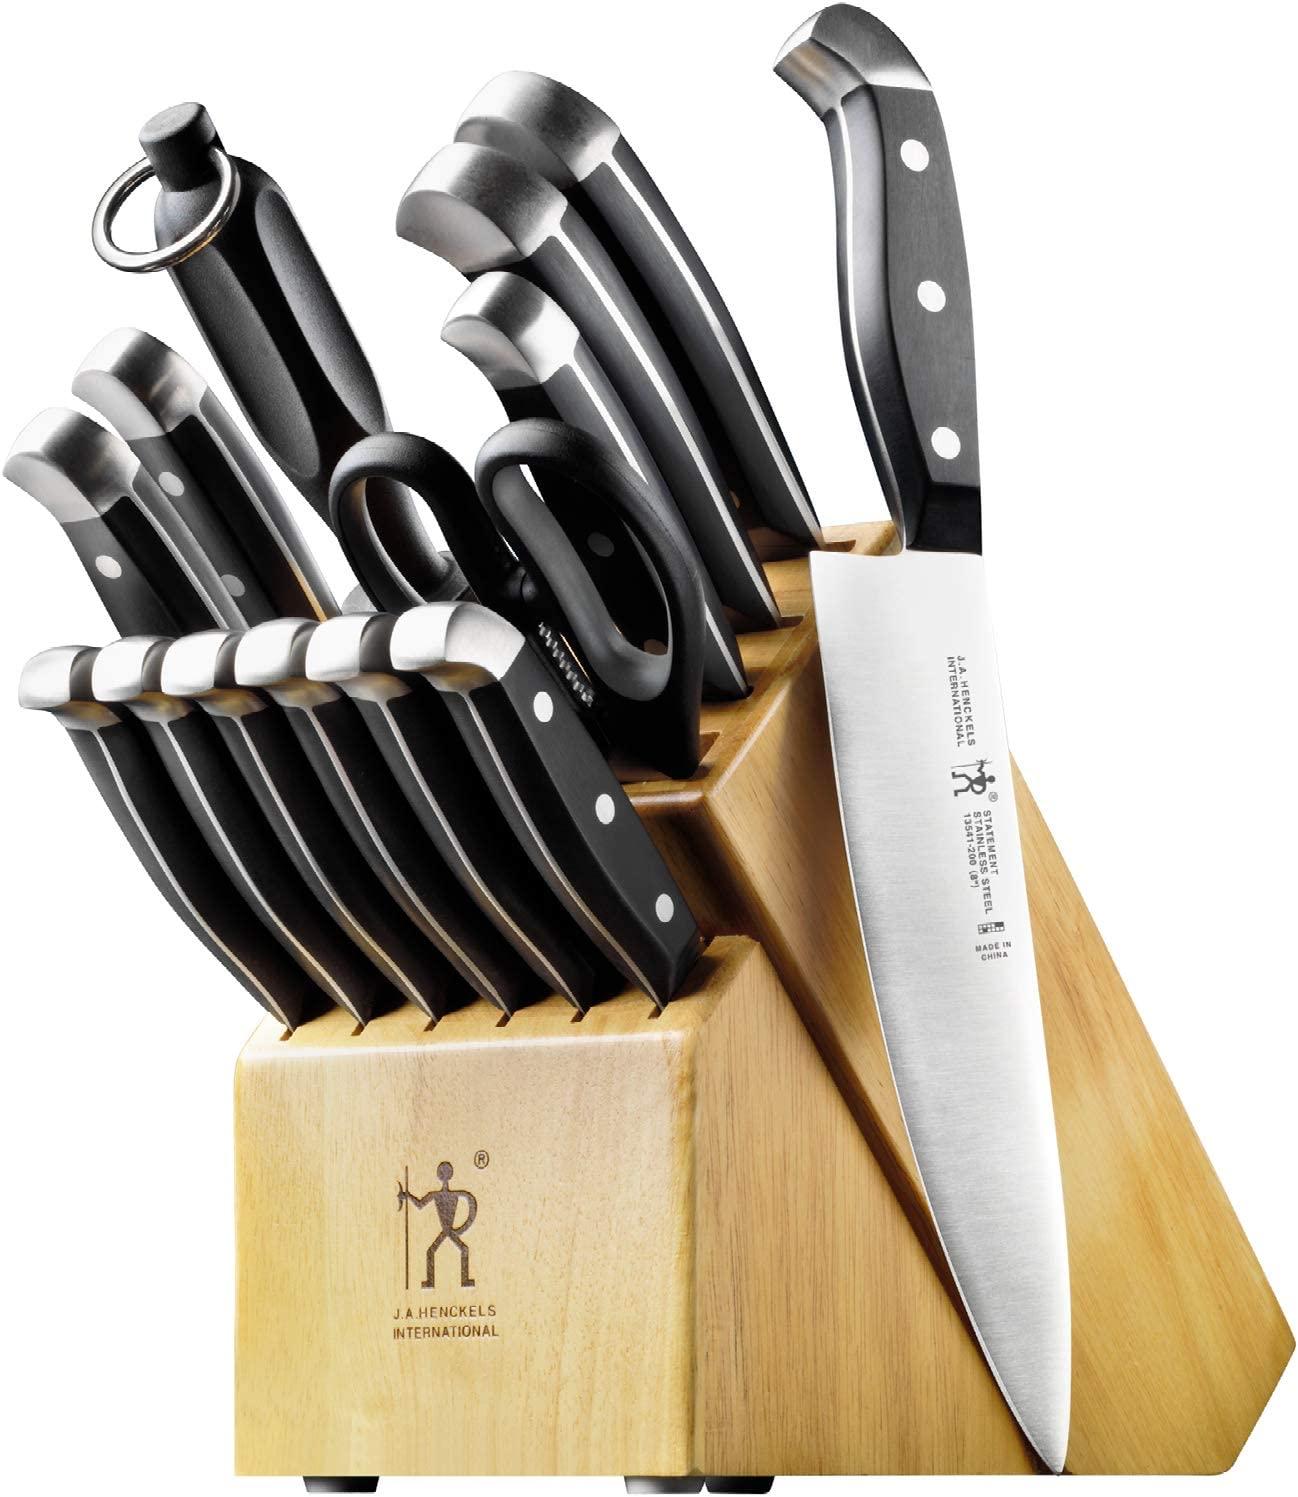 Best lightweight kitchen-knife set